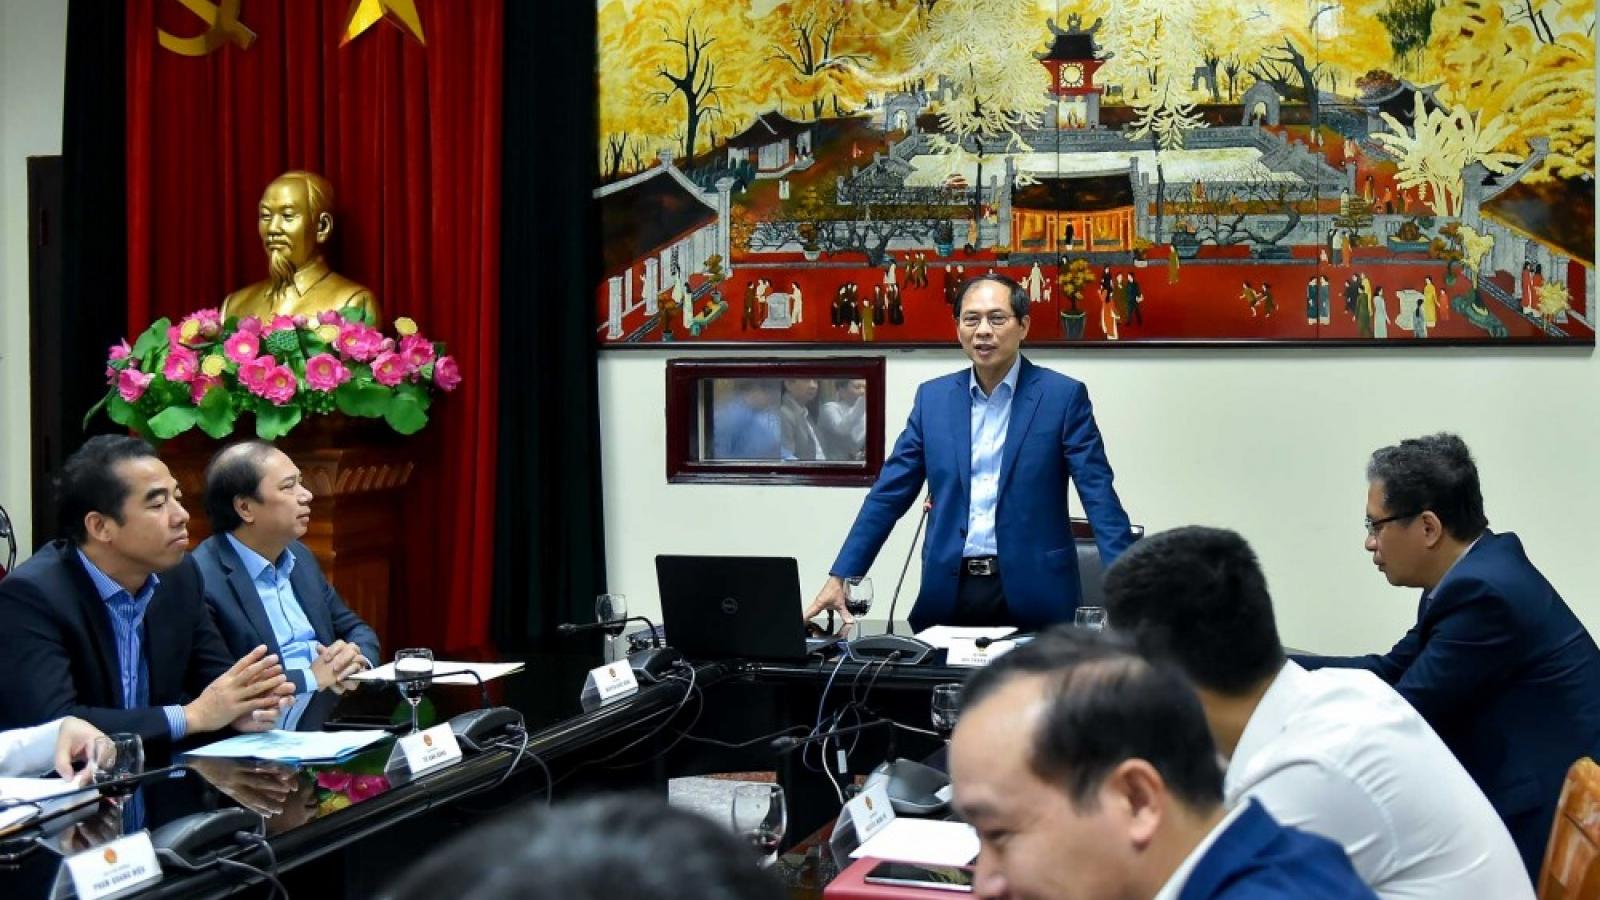 Bộ trưởng Ngoại giao Bùi Thanh Sơn: 5 nhiệm vụ của cán bộ ngoại giao